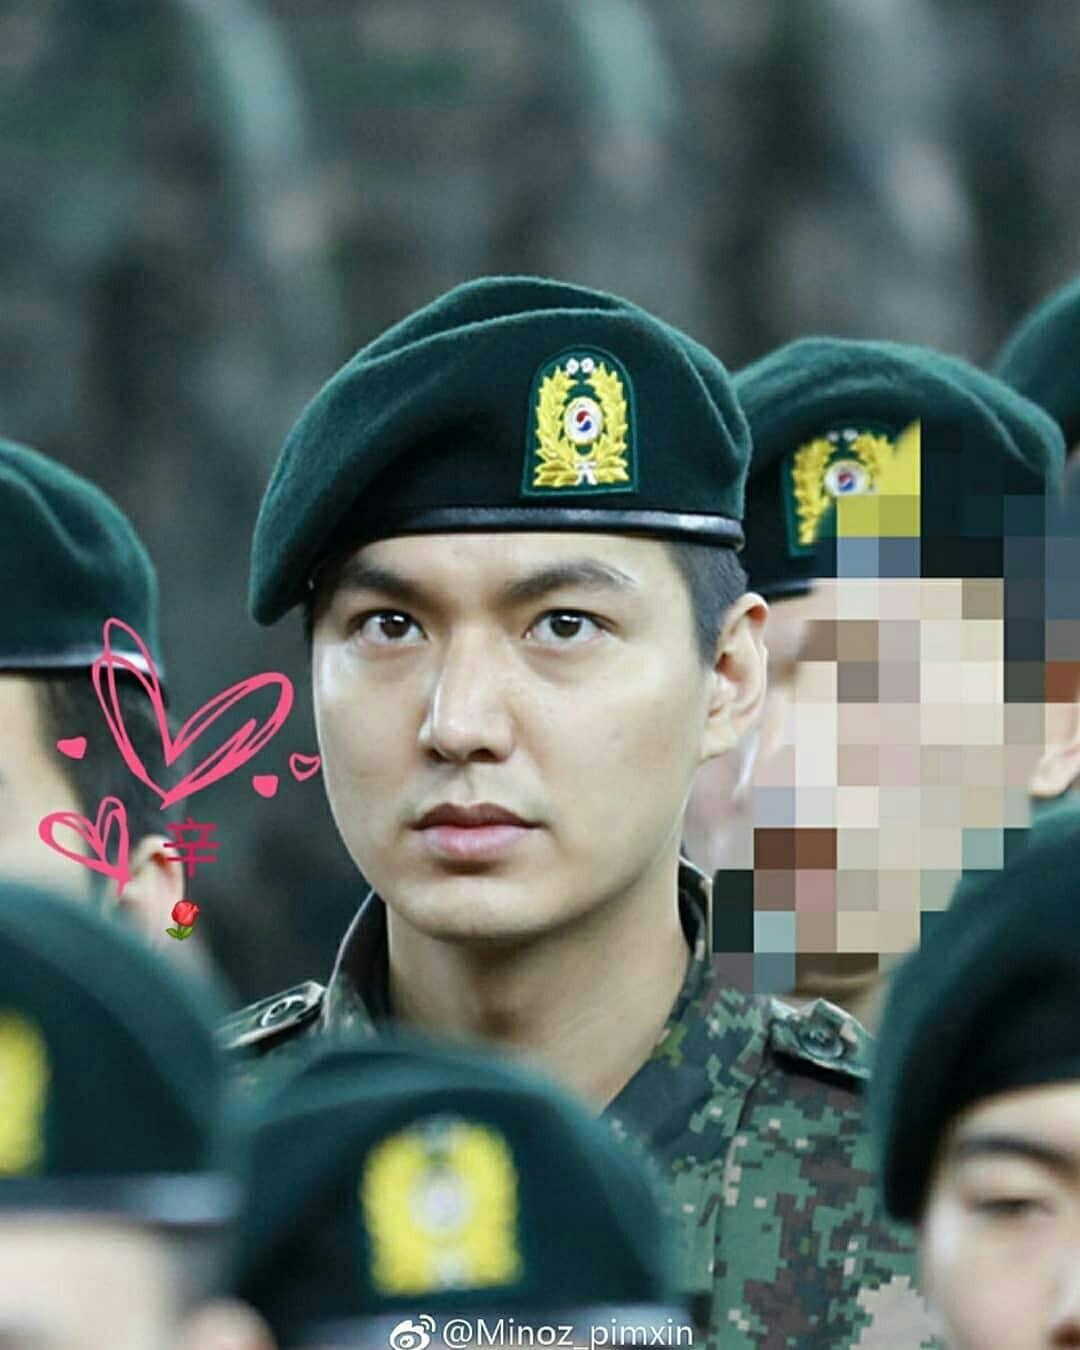 Tài tử Lee Min Ho béo phù cả mặt, ngày càng xuống sắc khi để nhan sắc mộc 100% trong quân ngũ - Ảnh 7.